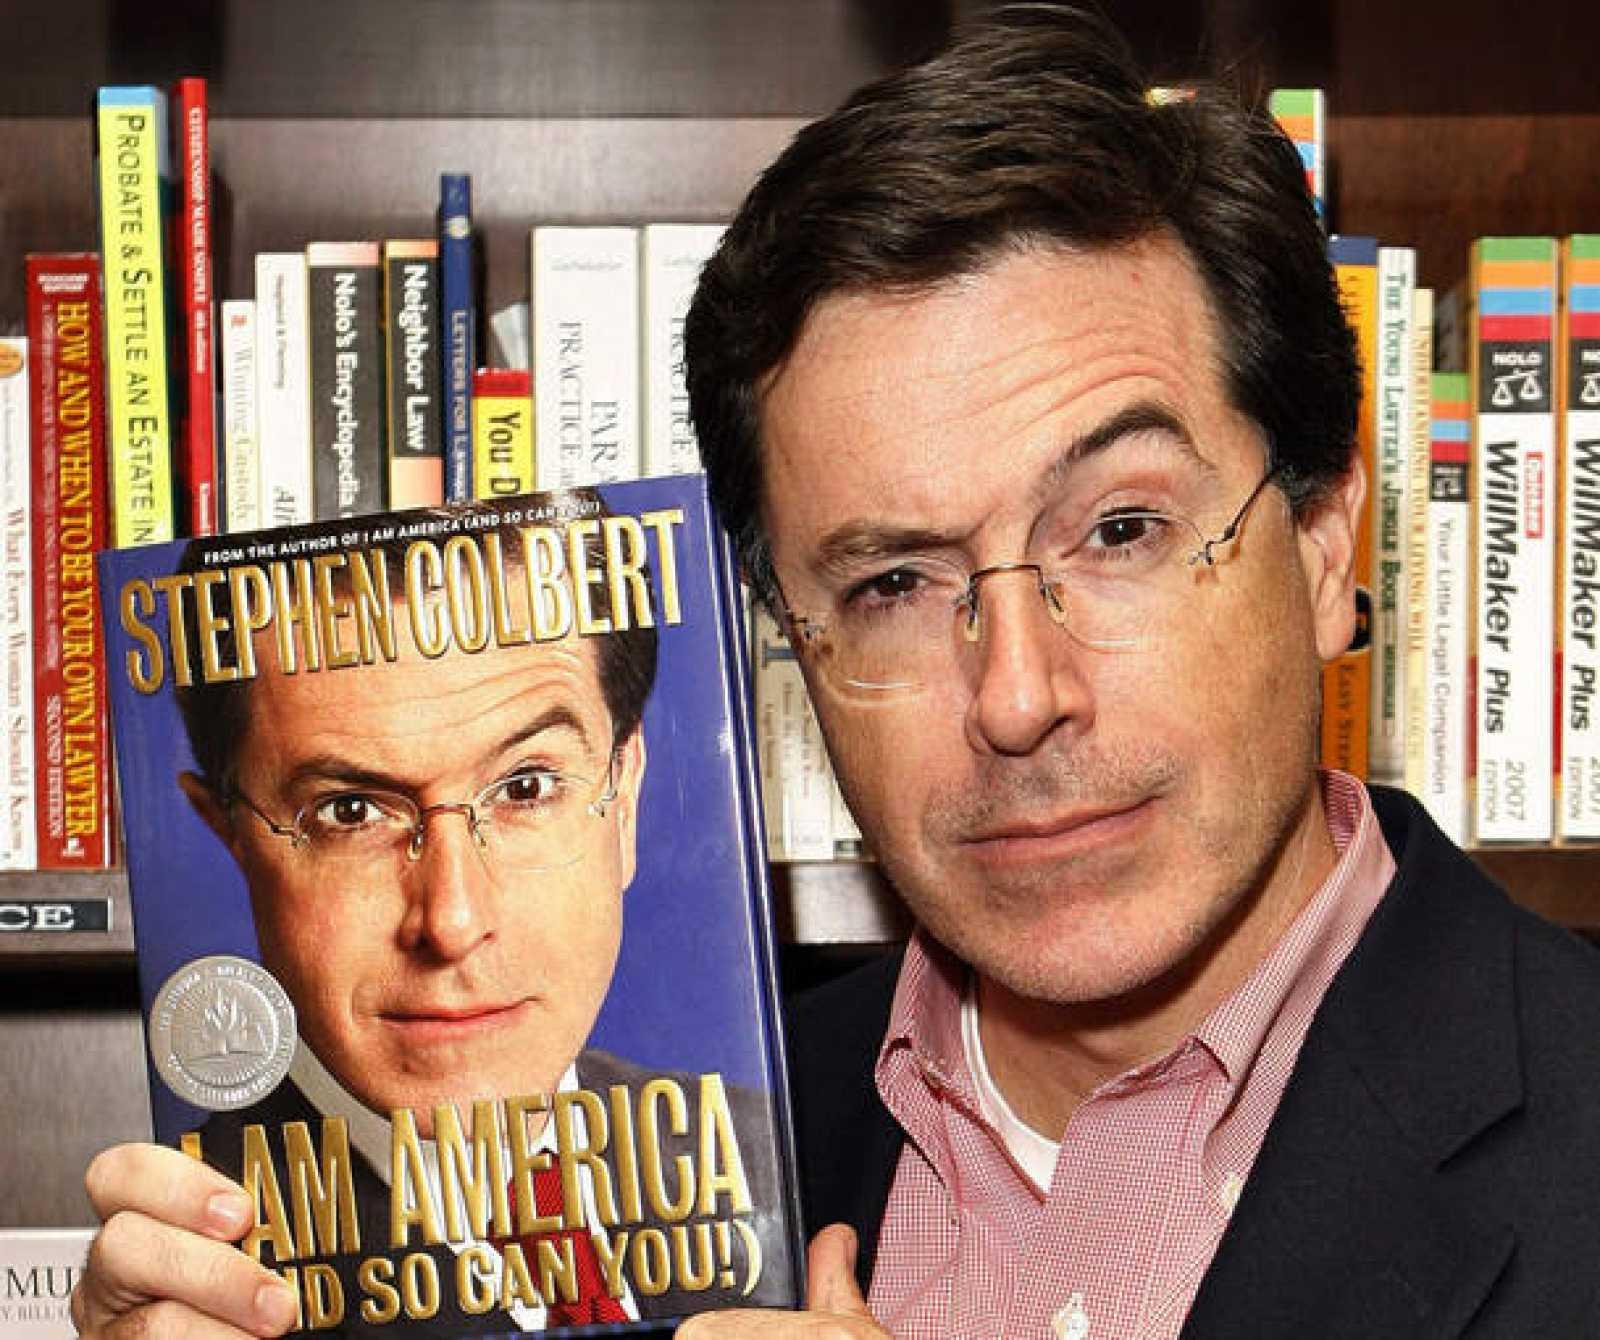 El cómico Stephen Colbert, posando con uno de sus libros.